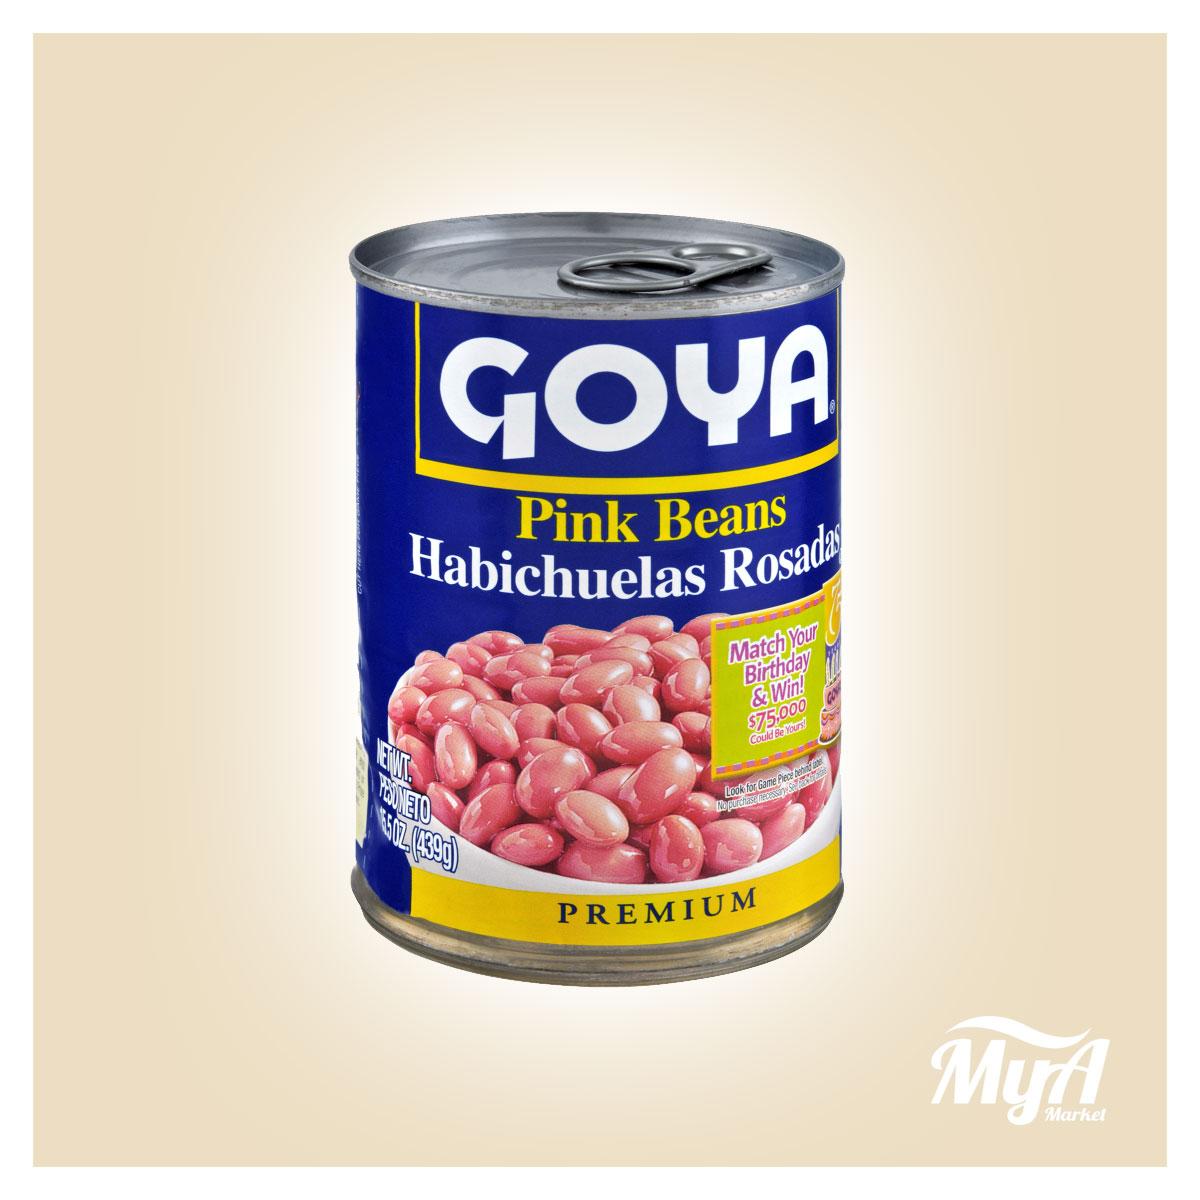 Habichuelas Rosadas Goya